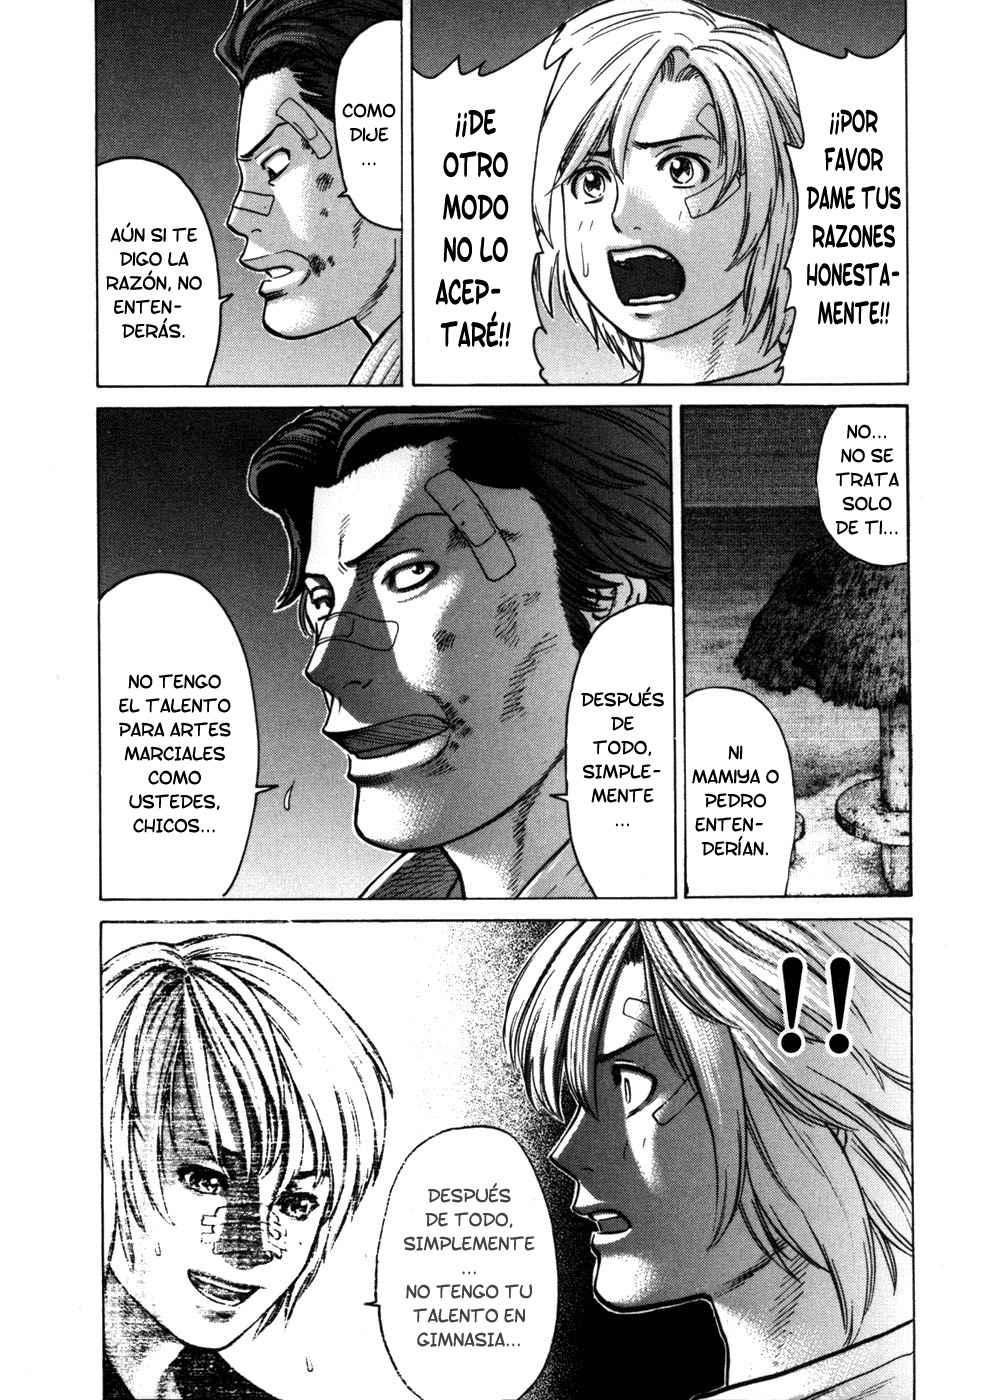 http://c5.ninemanga.com/es_manga/53/501/454740/cc617957758640b1e9c944eadb83f95c.jpg Page 7